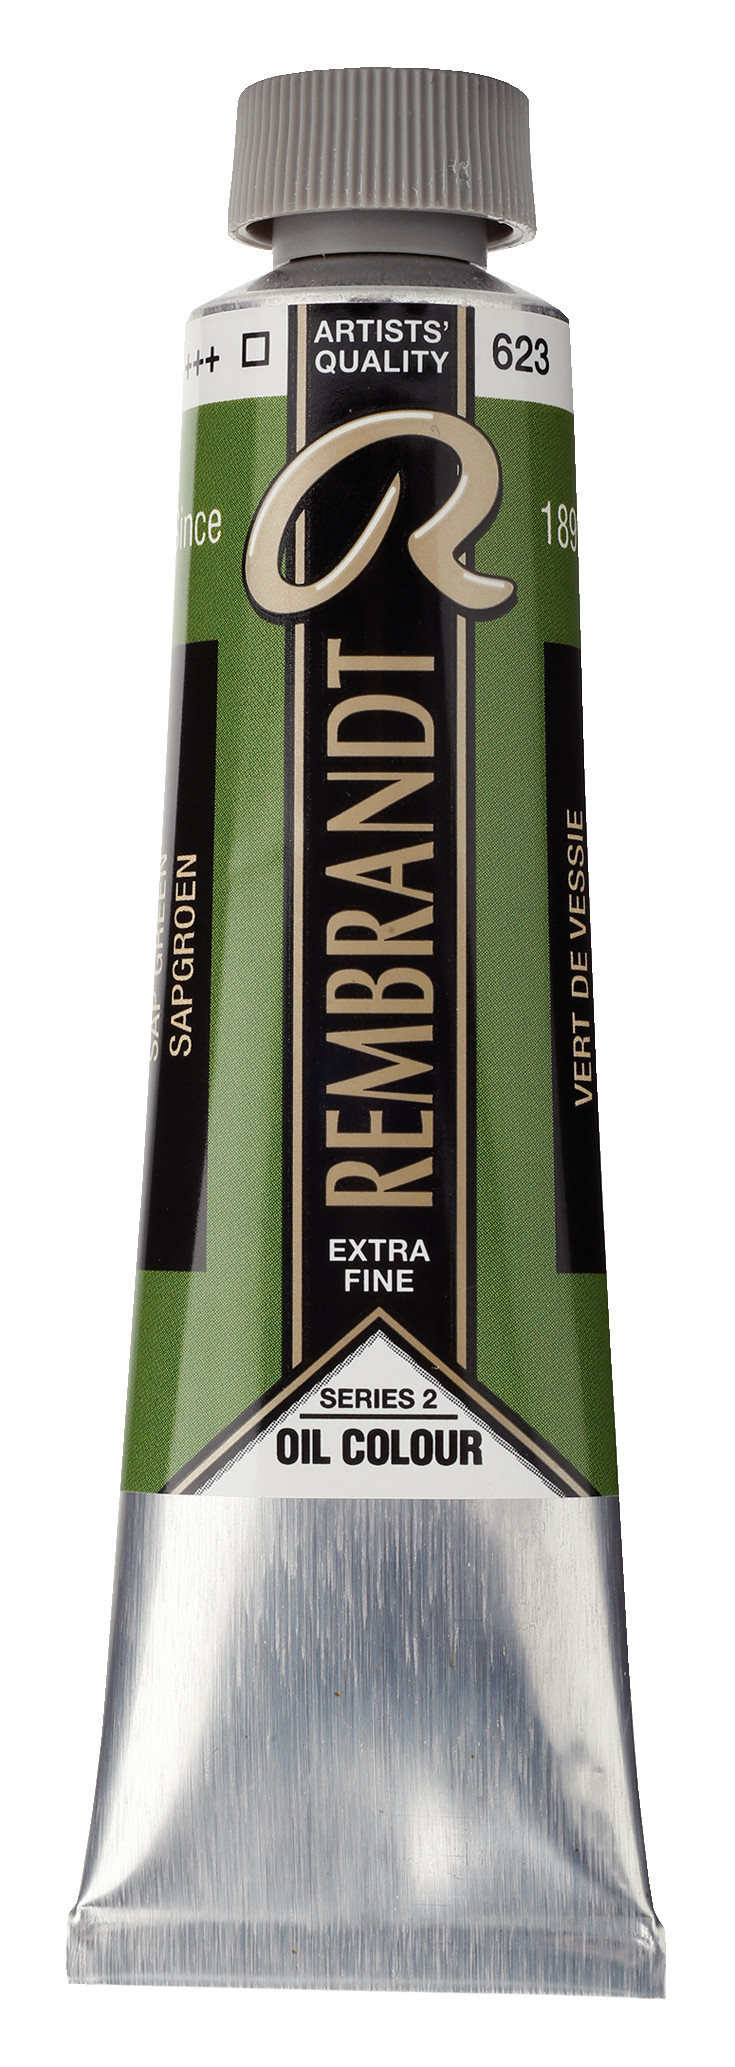 Rembrandt Oil colour Paint Sap Green (623) 40ml Tube